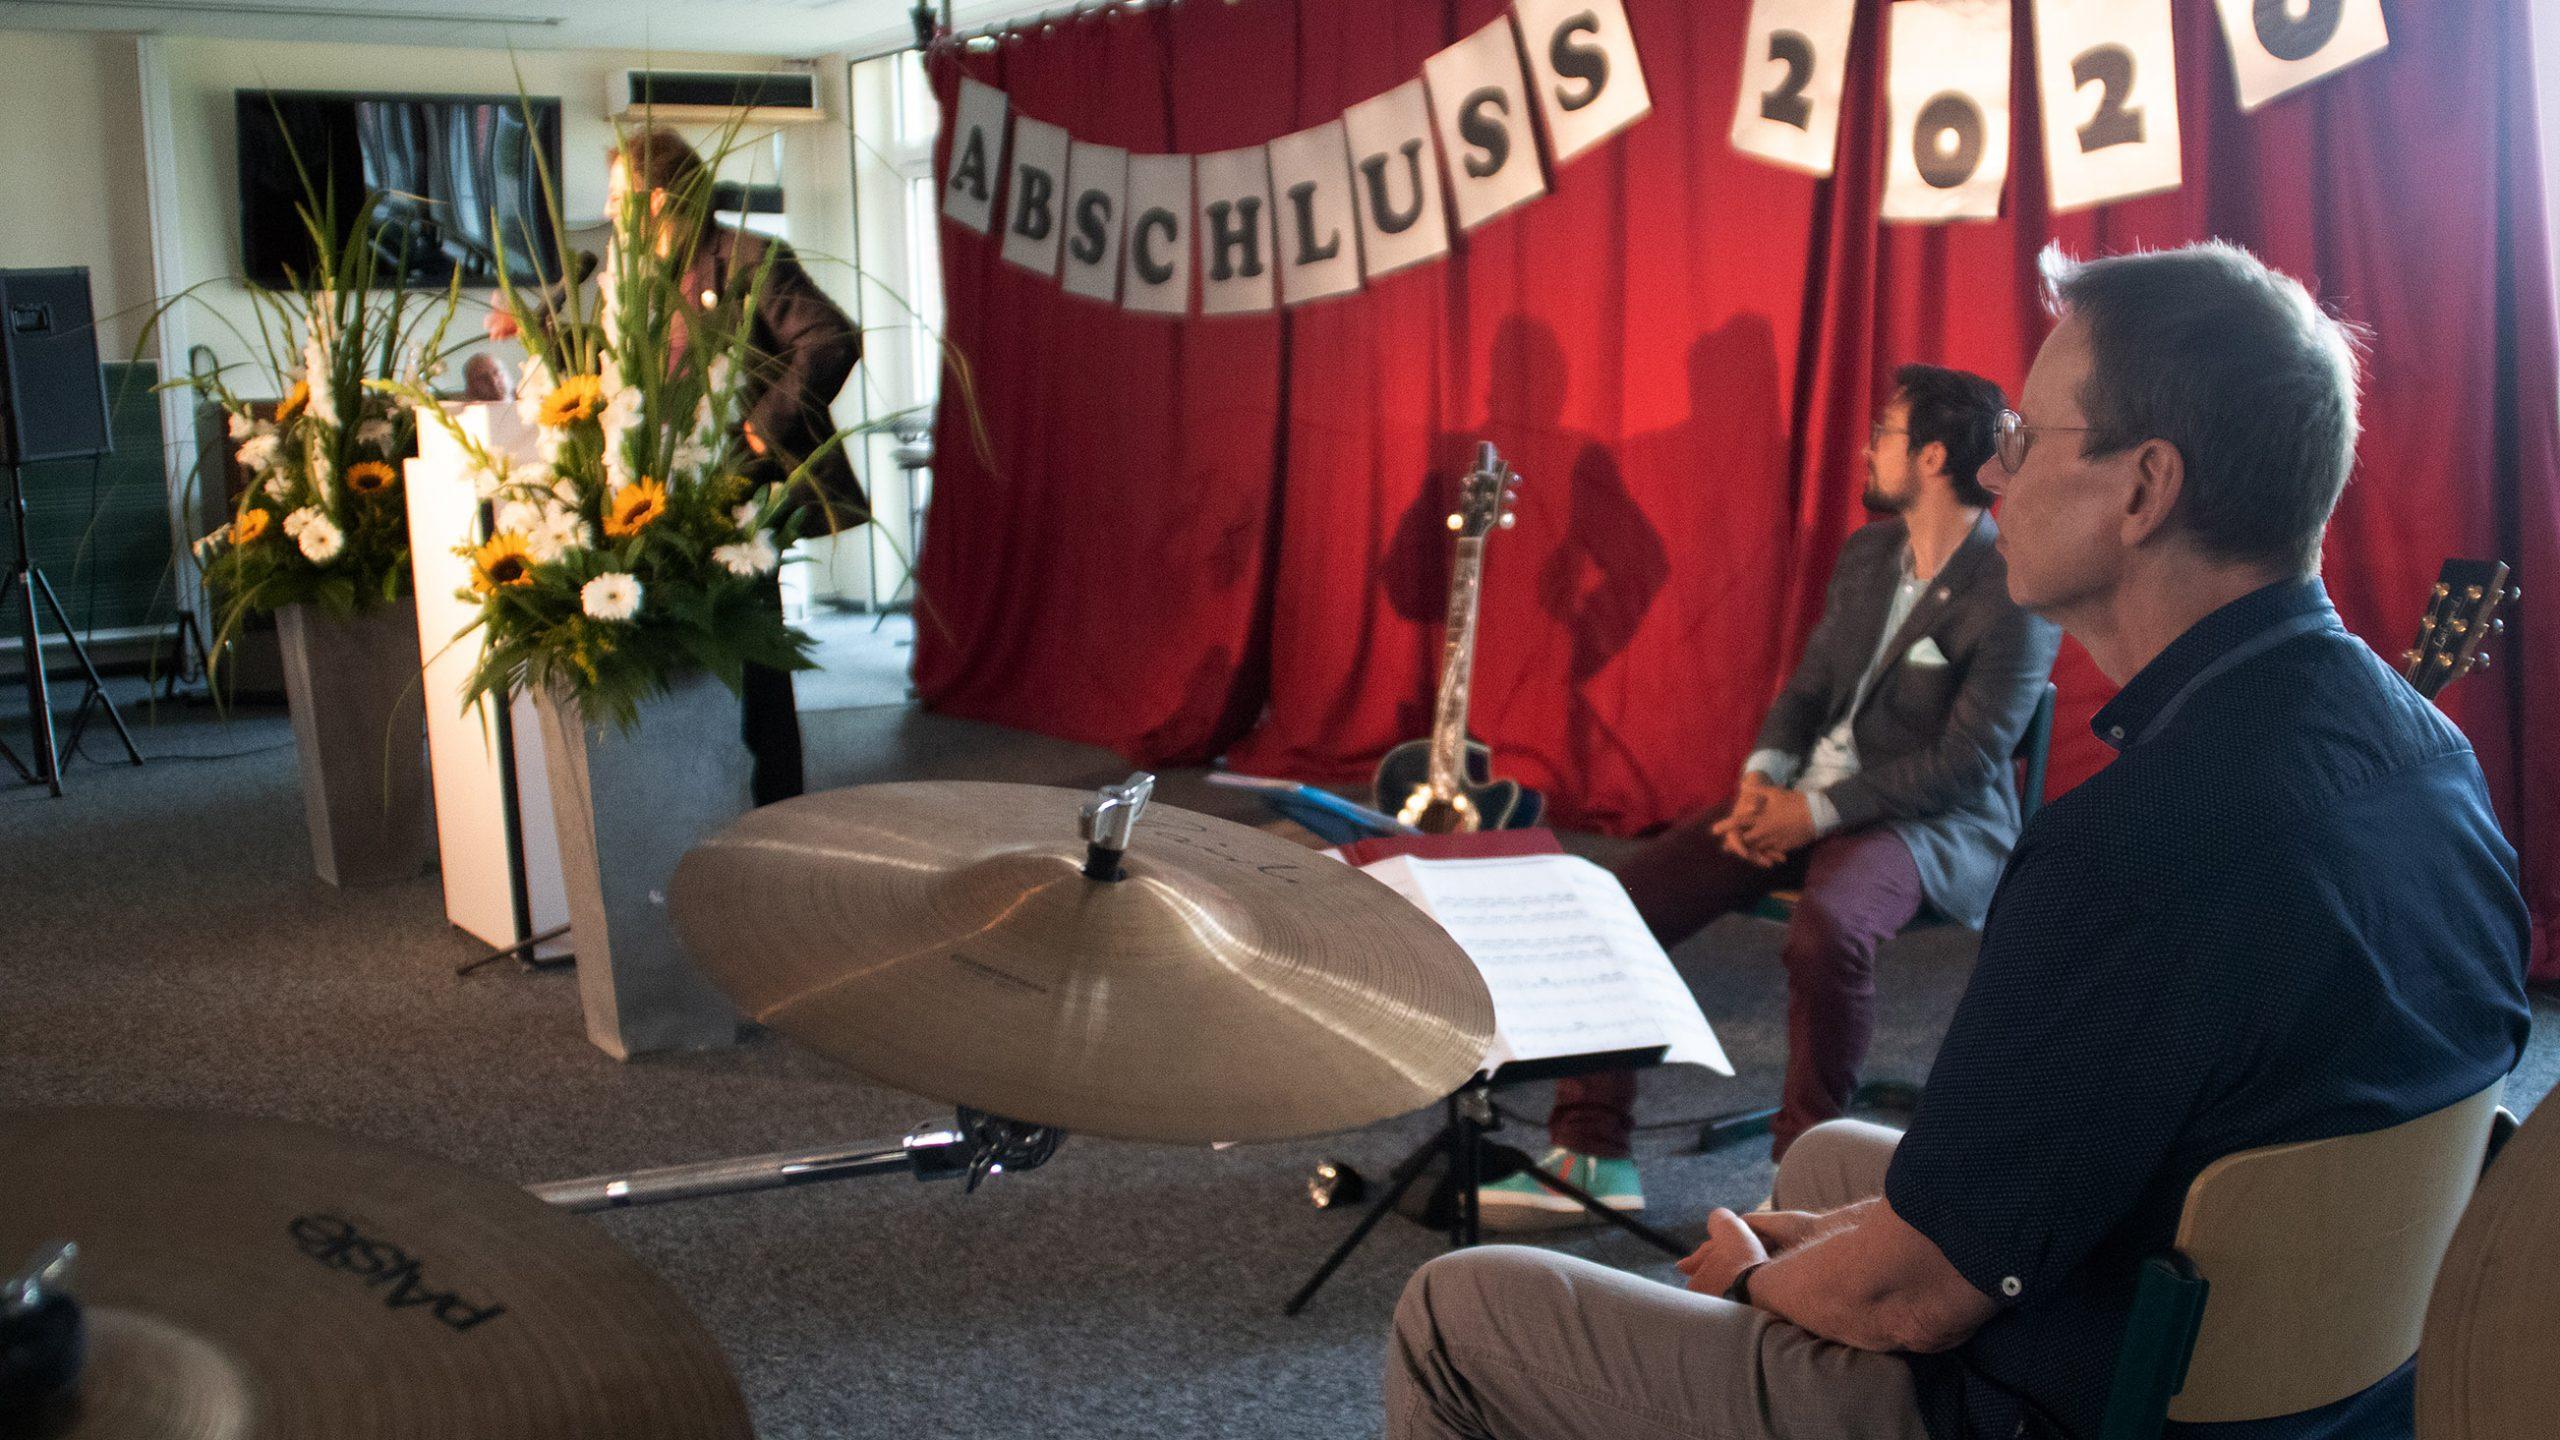 Für musikalische Untermalung sorgte wie üblich das Duo aus Herrn Dewald und Herrn Groeger!